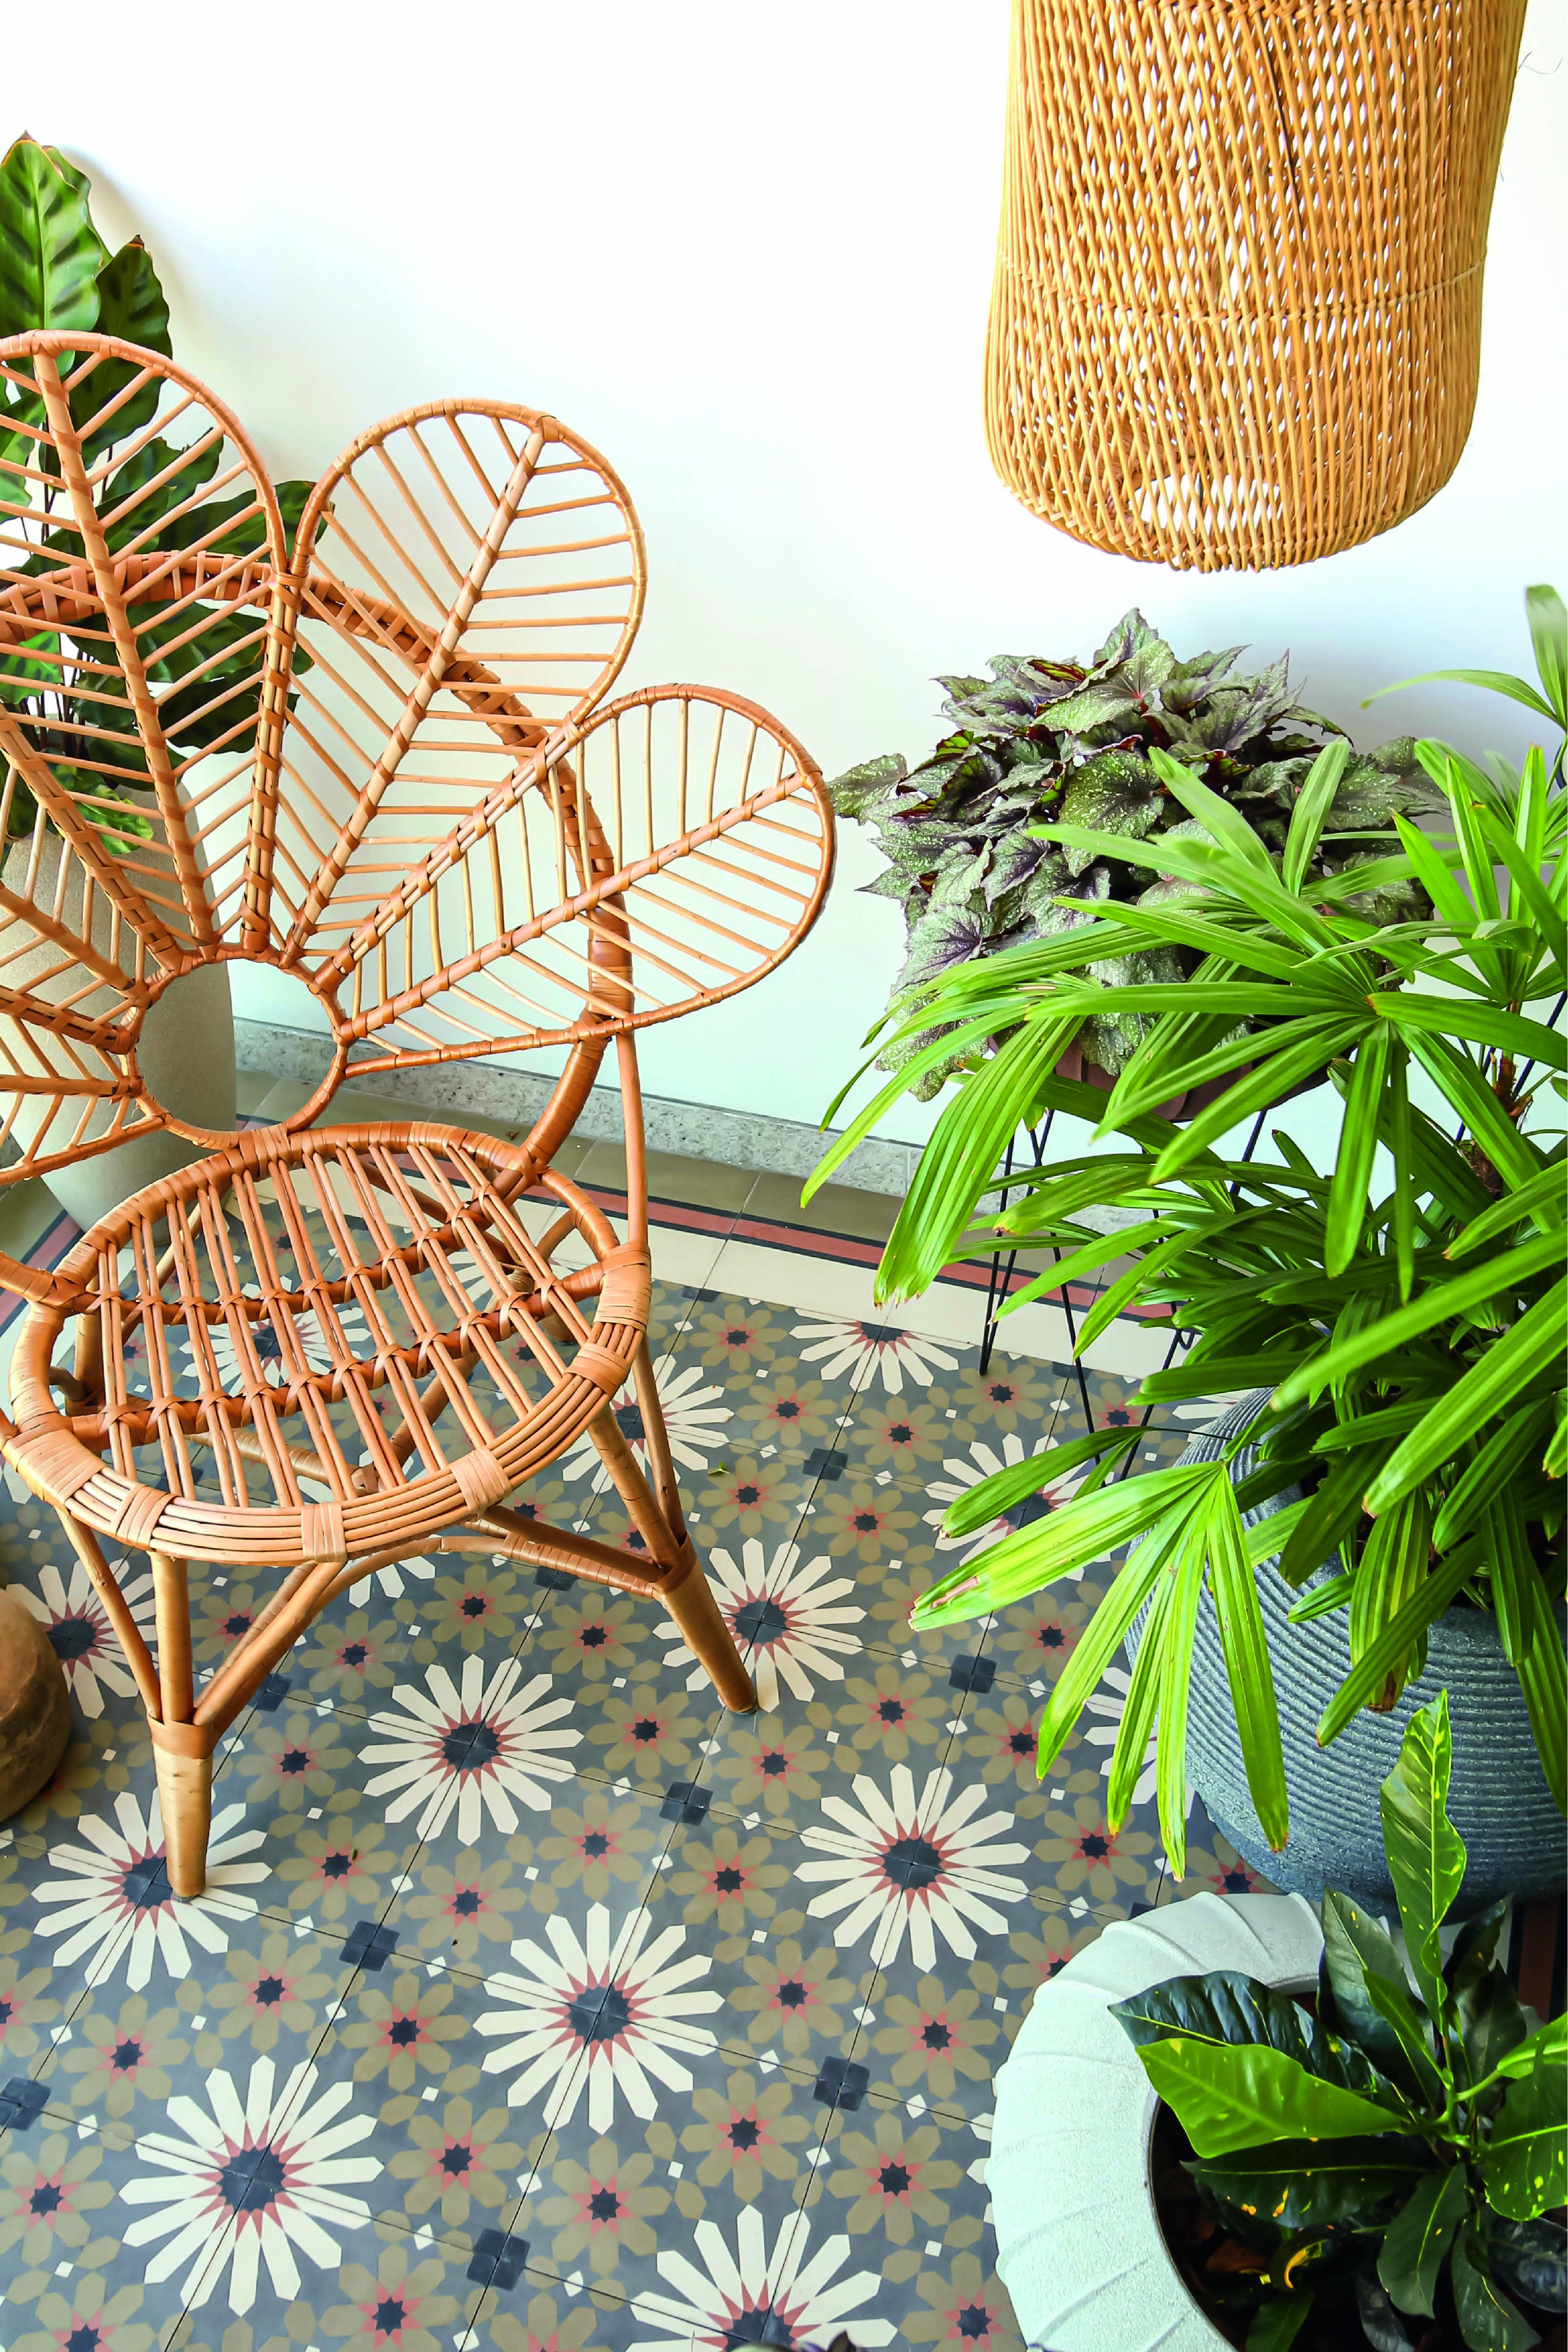 A arquiteta Júlia Garbero aplicou as peças da Ladrilhos Barbacena na varanda de seu apartamento, em Juiz de Fora